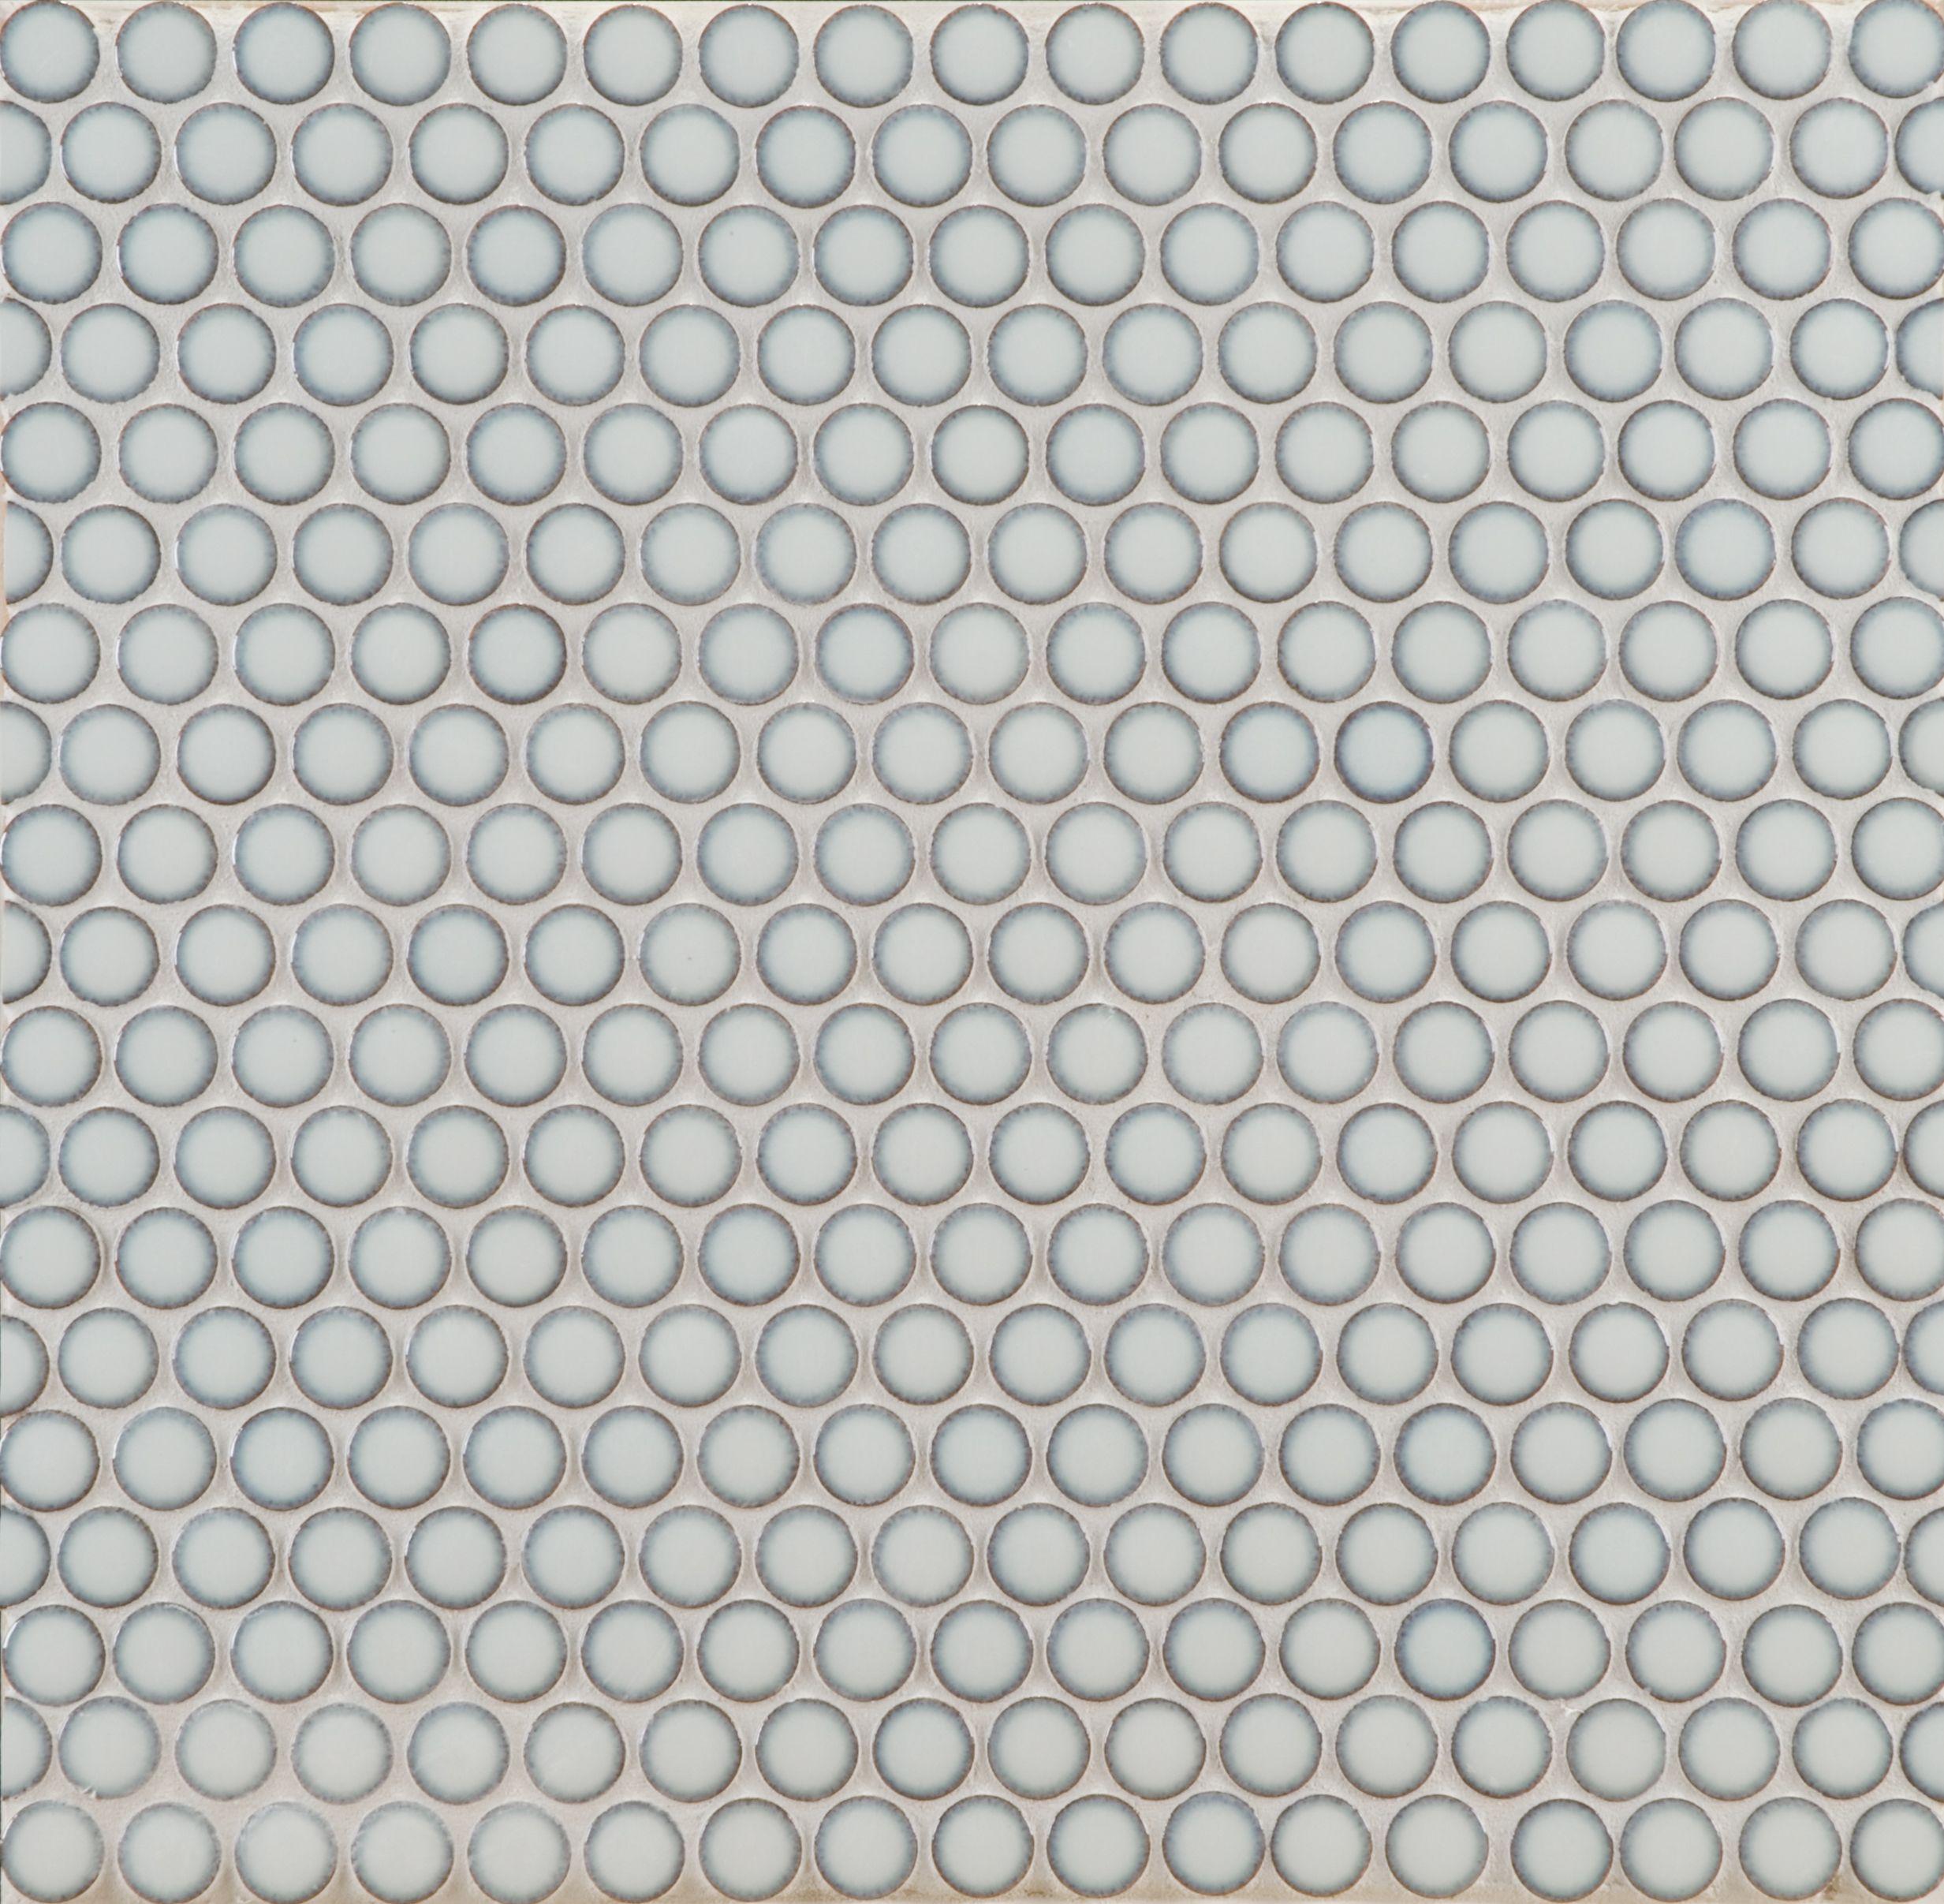 Ceramic Basics Savoy Ann Sacks Tile Stone Ann Sacks Tiles Penny Tile Ann Sacks